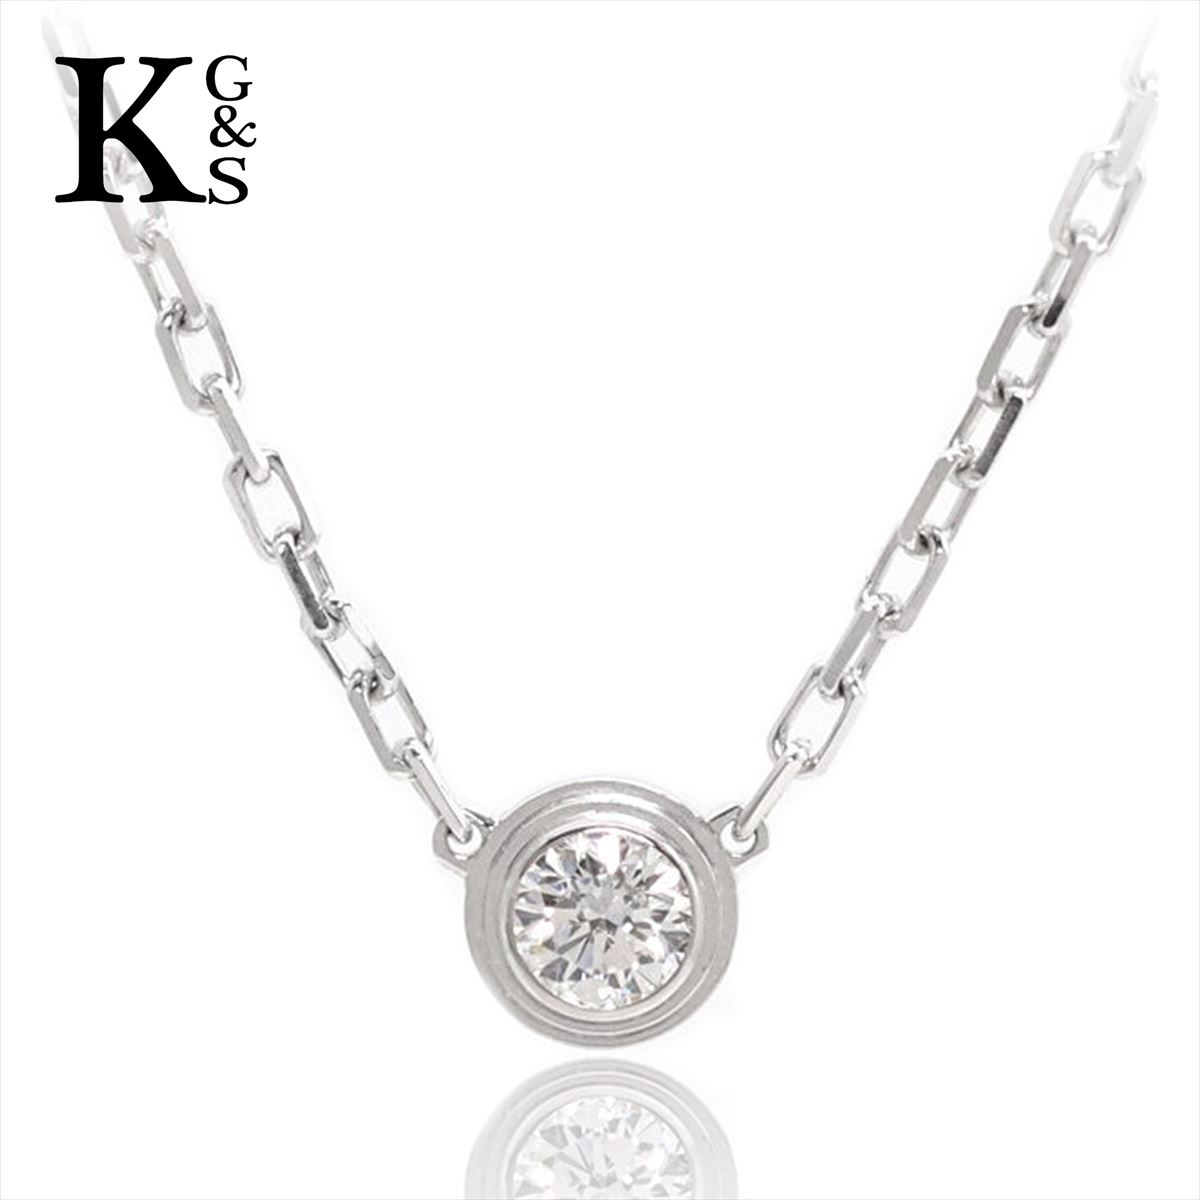 レディースジュエリー・アクセサリー, ネックレス・ペンダント Cartier SM K18WG 1P B7215900